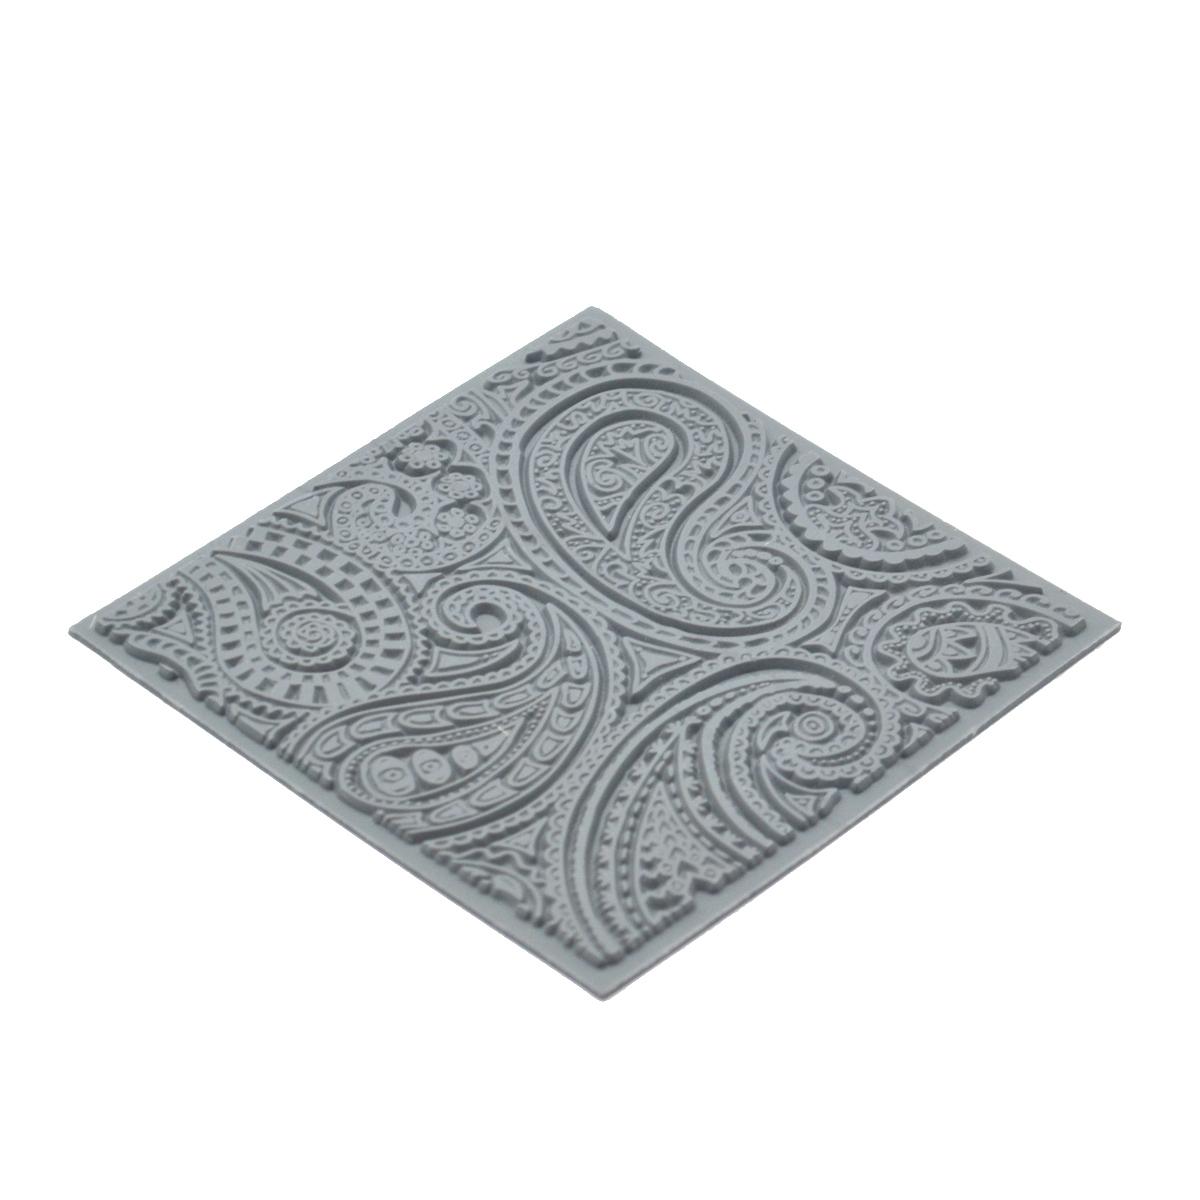 CE95010 Текстура для пластики резиновая 'Турецкий огурец', 9х9 см. Cernit